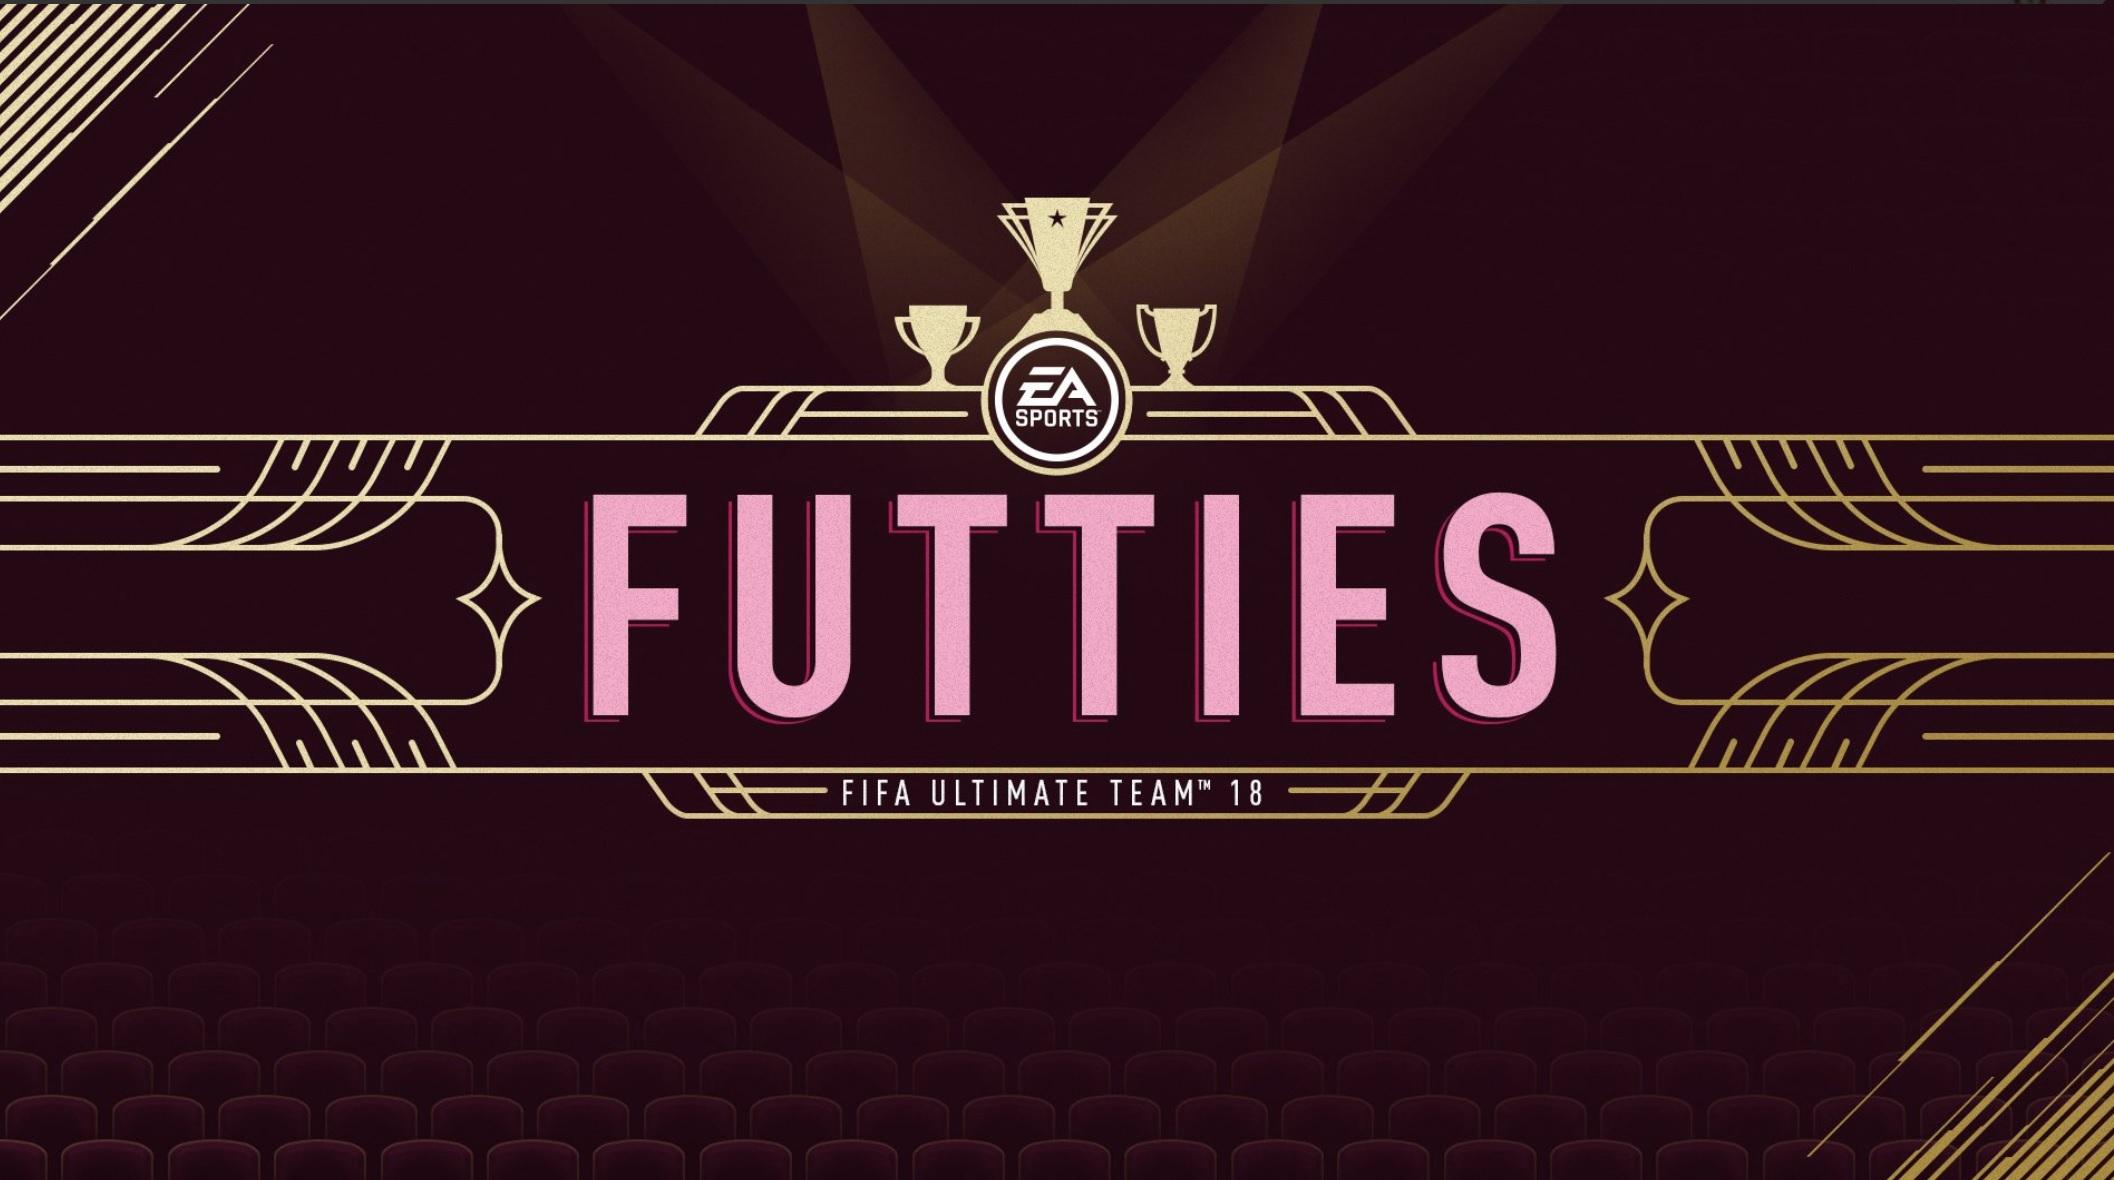 FIFA 18: FUTTIES-Event kommt heute Abend – Was können wir erwarten?